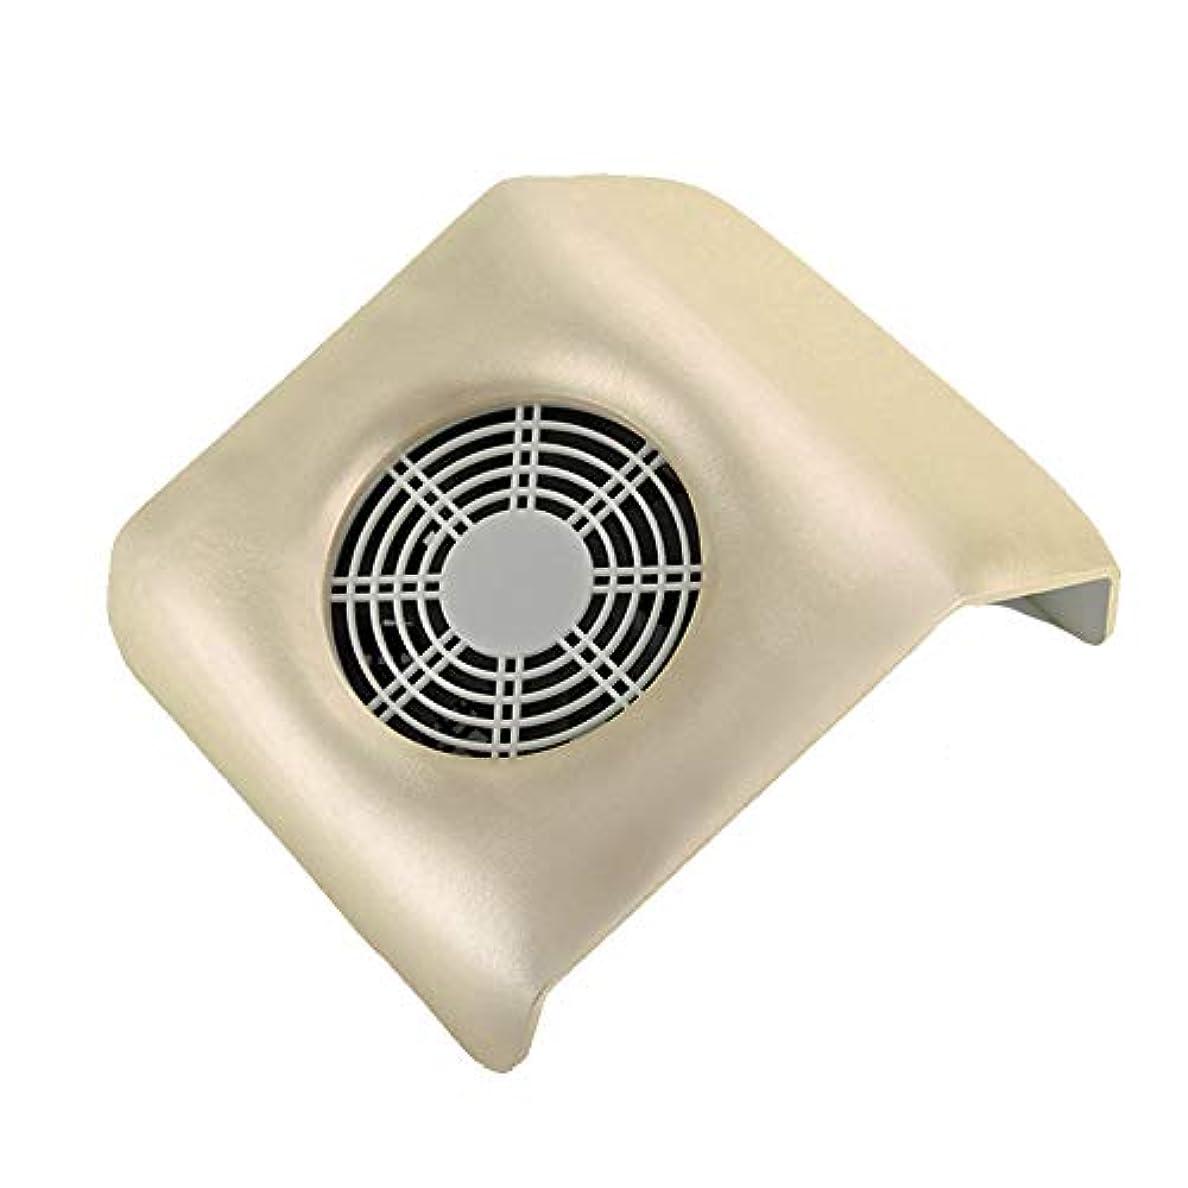 時々。橋ネイル 集塵機 ネイルアート掃除機 ネイルマシン ネイルダスト ダストクリーナー ネイル機器 集塵バッグ付き 金色